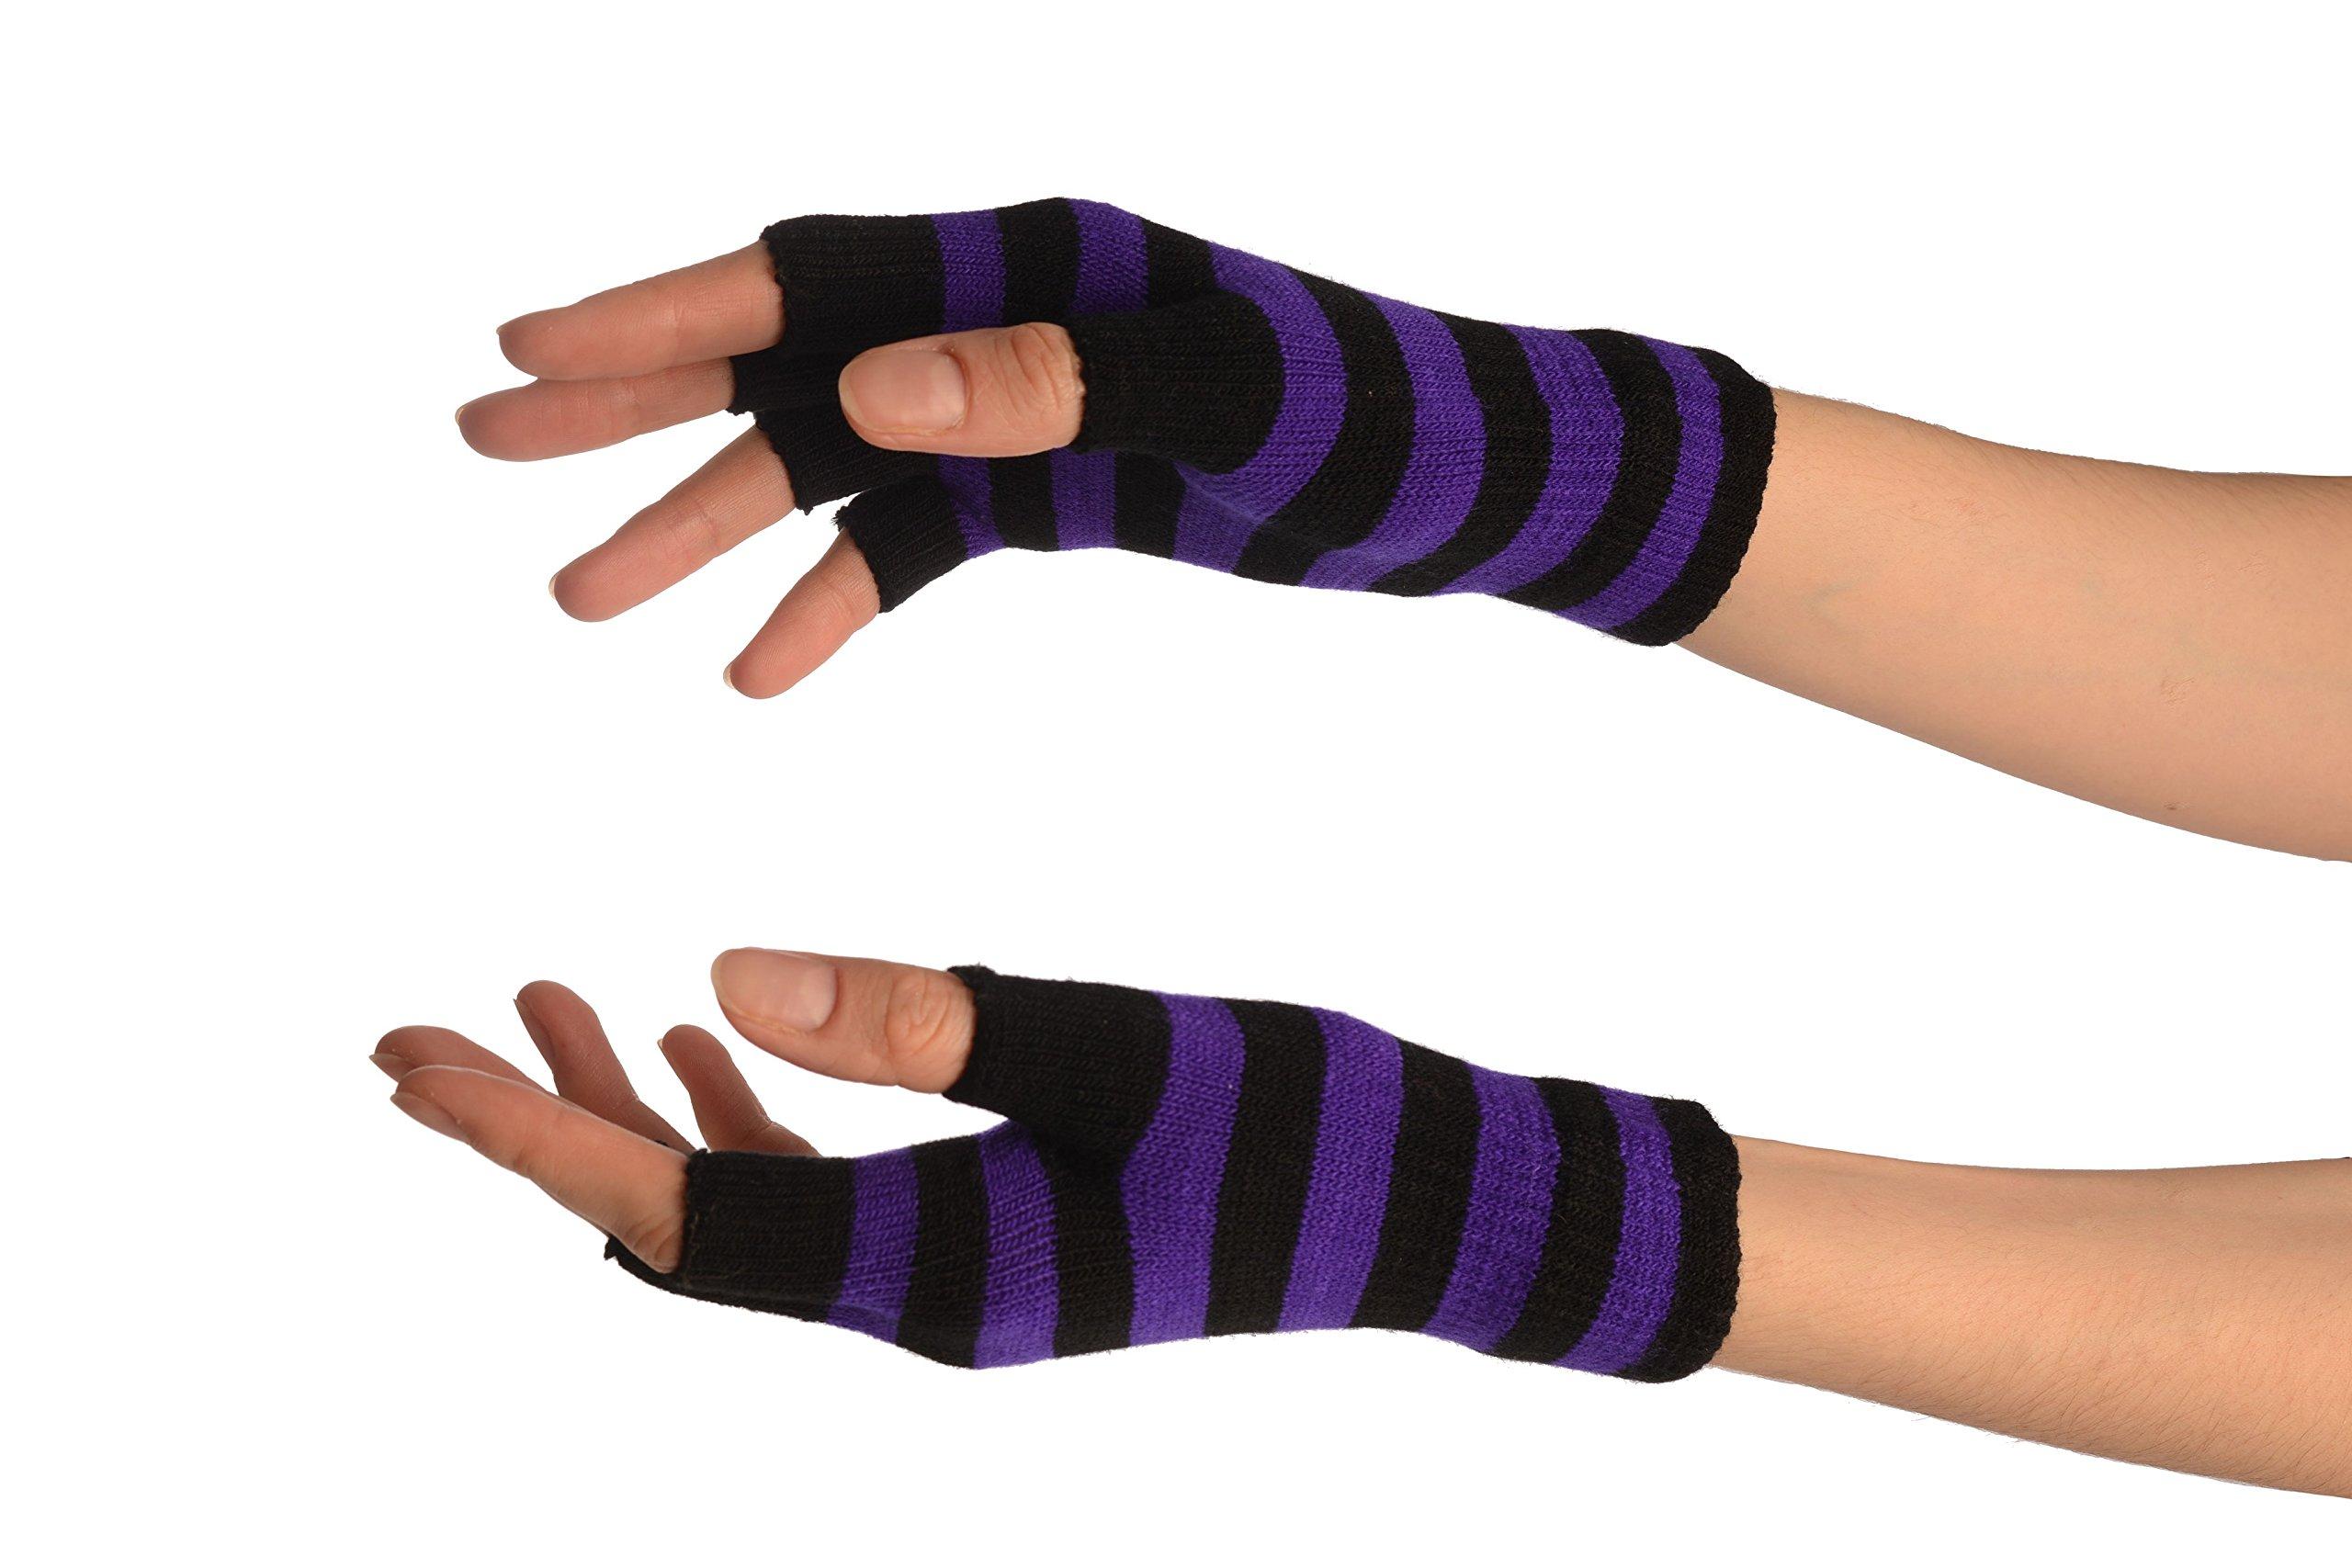 Purple & Black Stripes Short Fingerless Gloves - Gloves